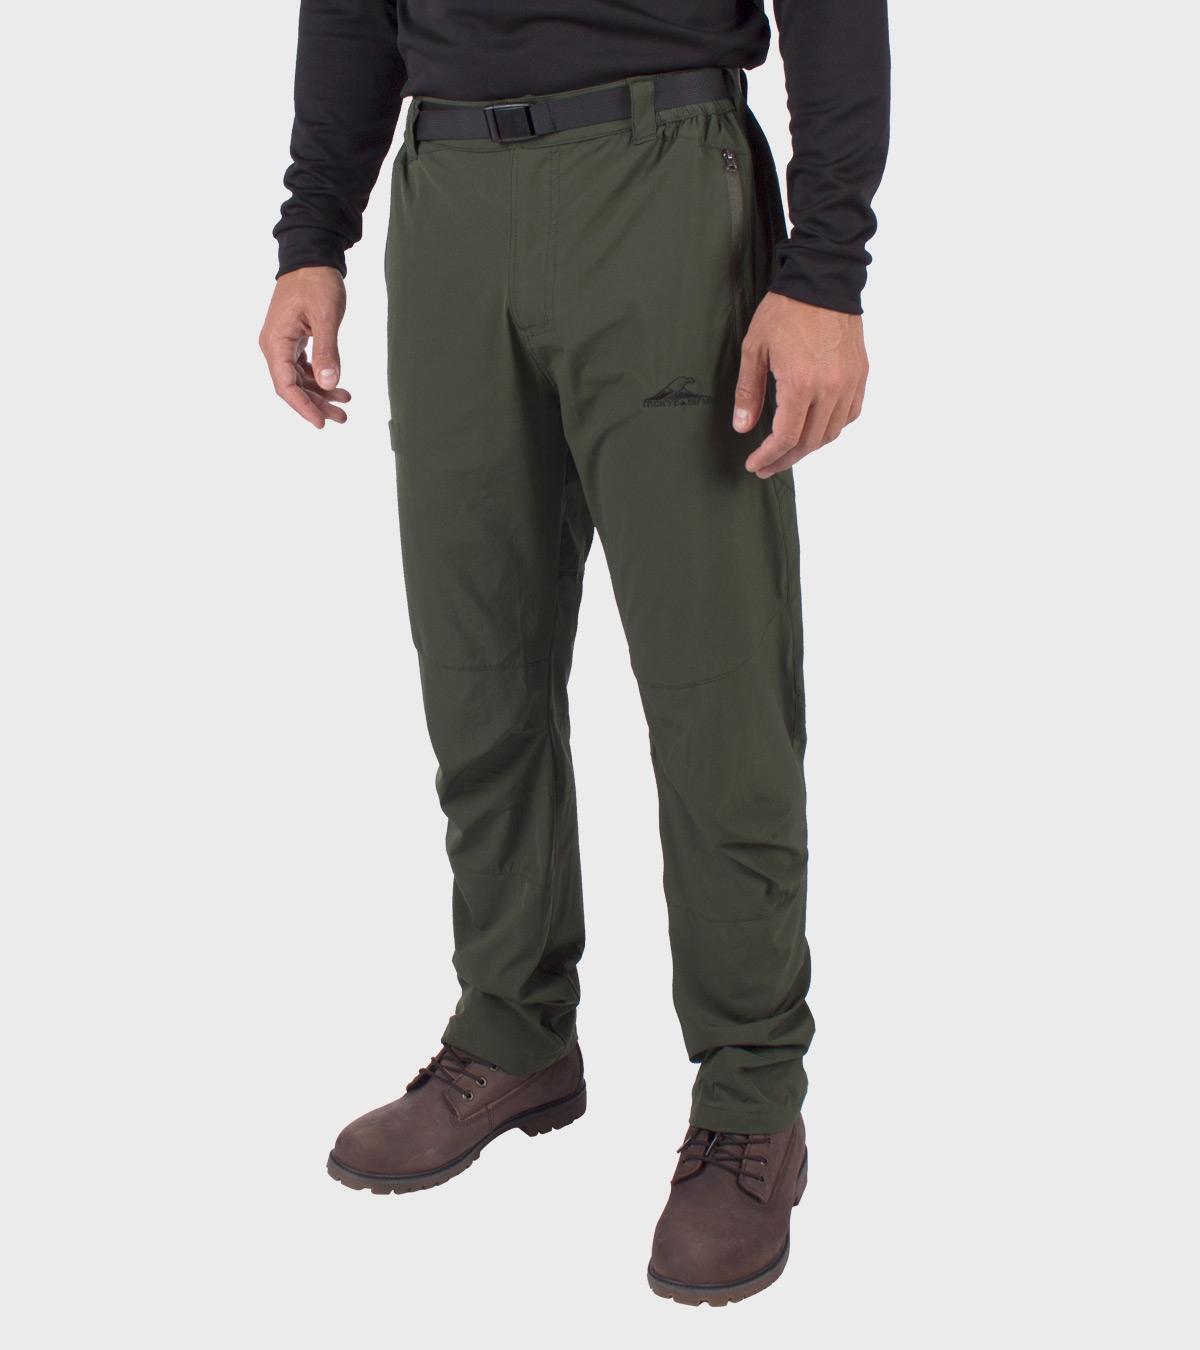 nuevo producto 01ce6 914f8 Pantalón de hombre Venture